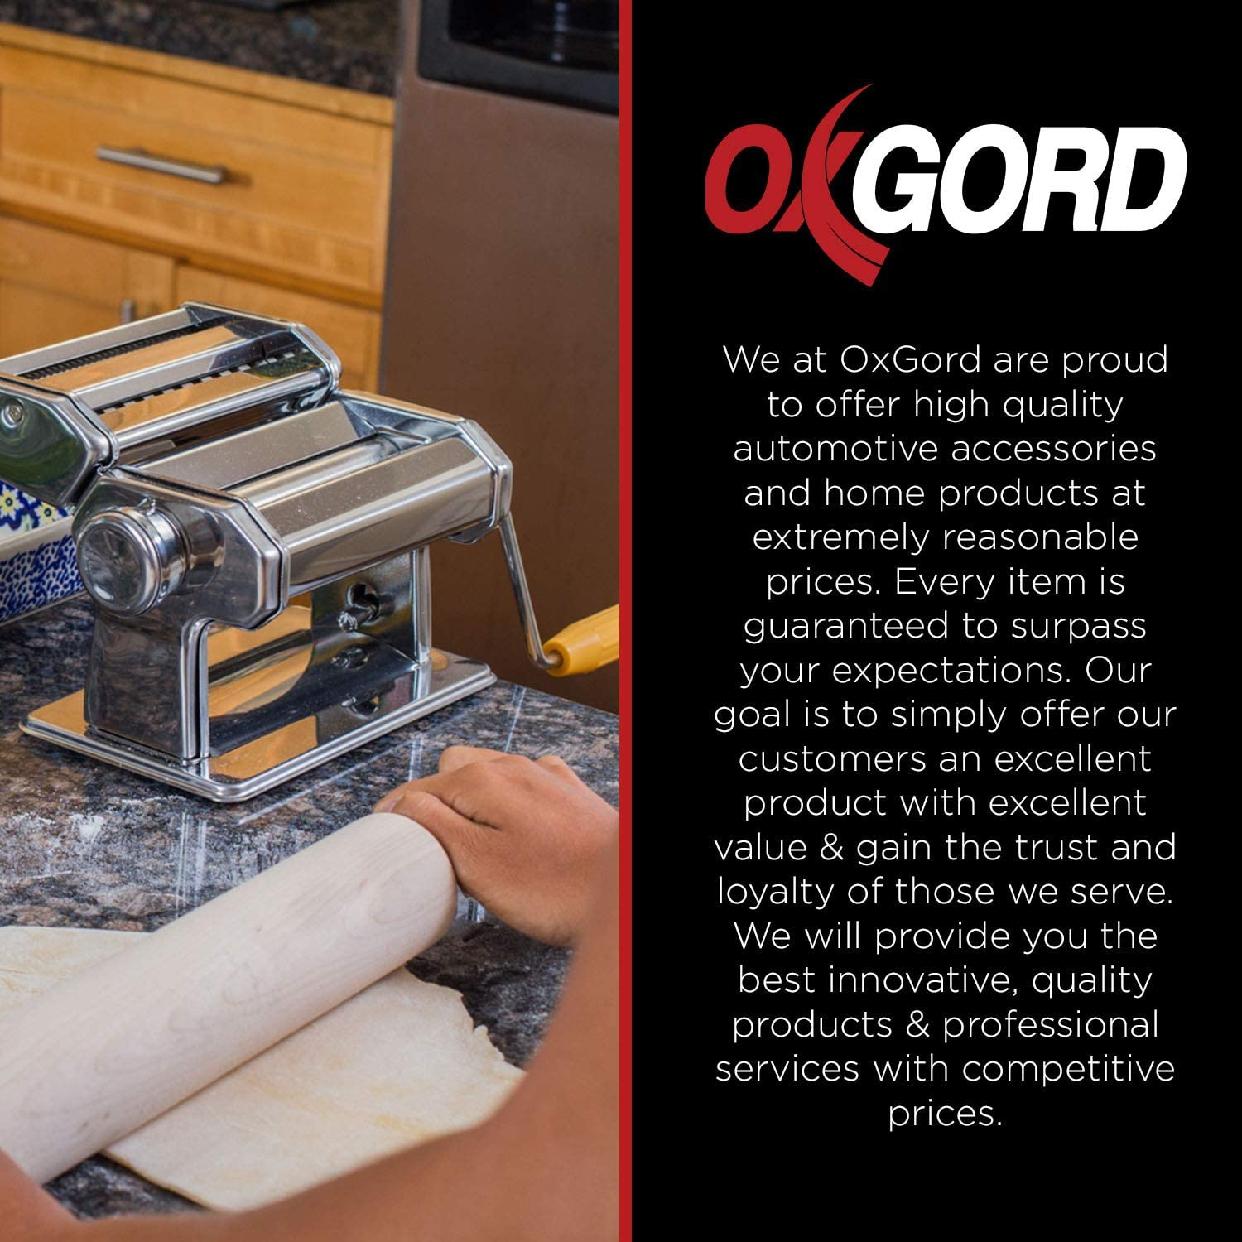 OxGord フレッシュパスタメーカー KAPM-01の商品画像5